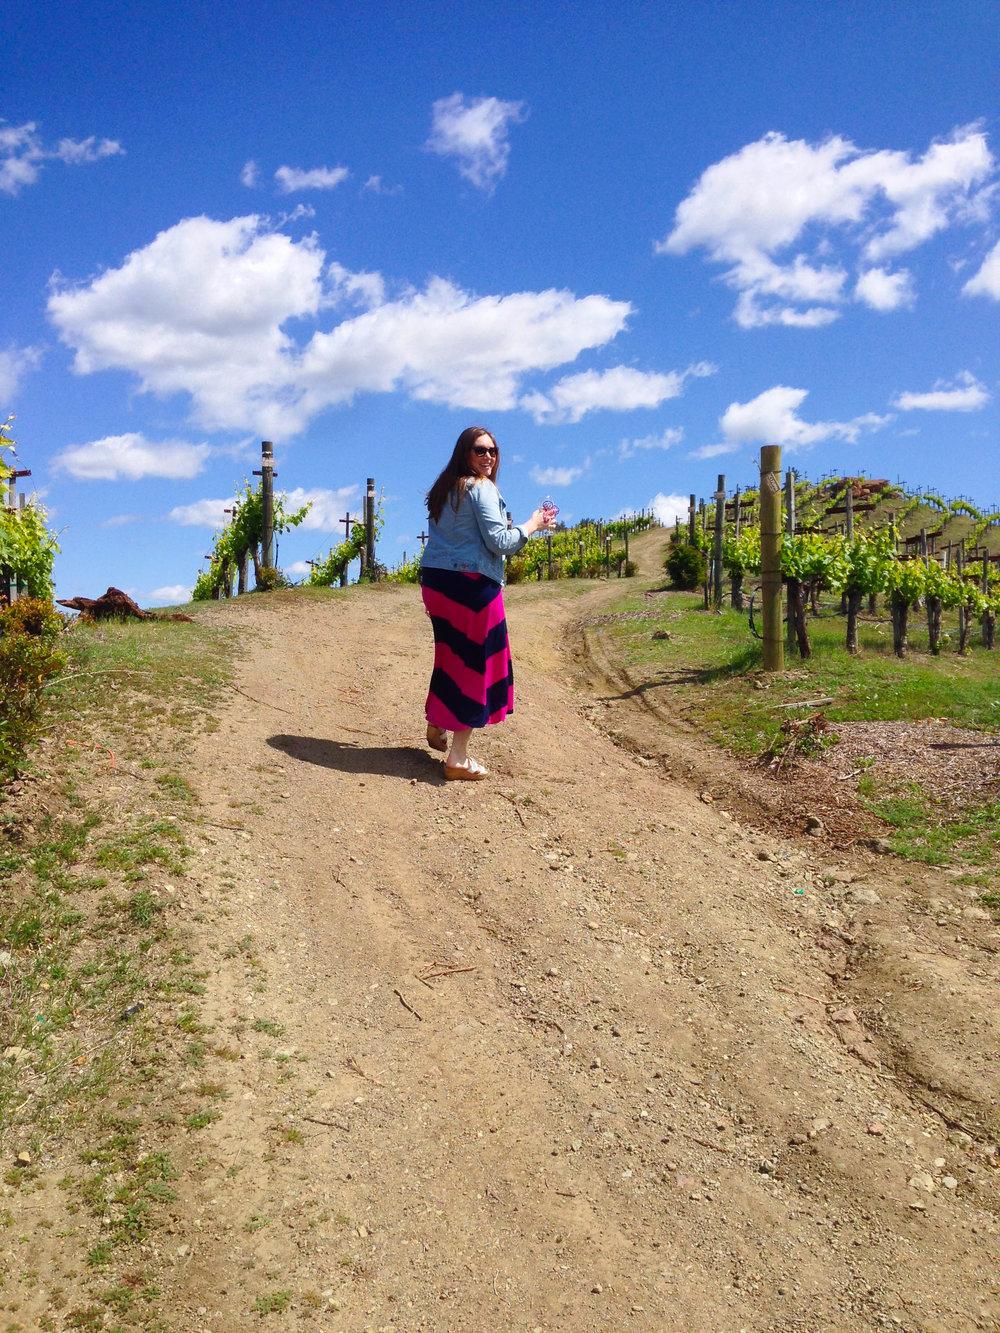 Malibu Wine Safari - Malibu Wines Vineyard